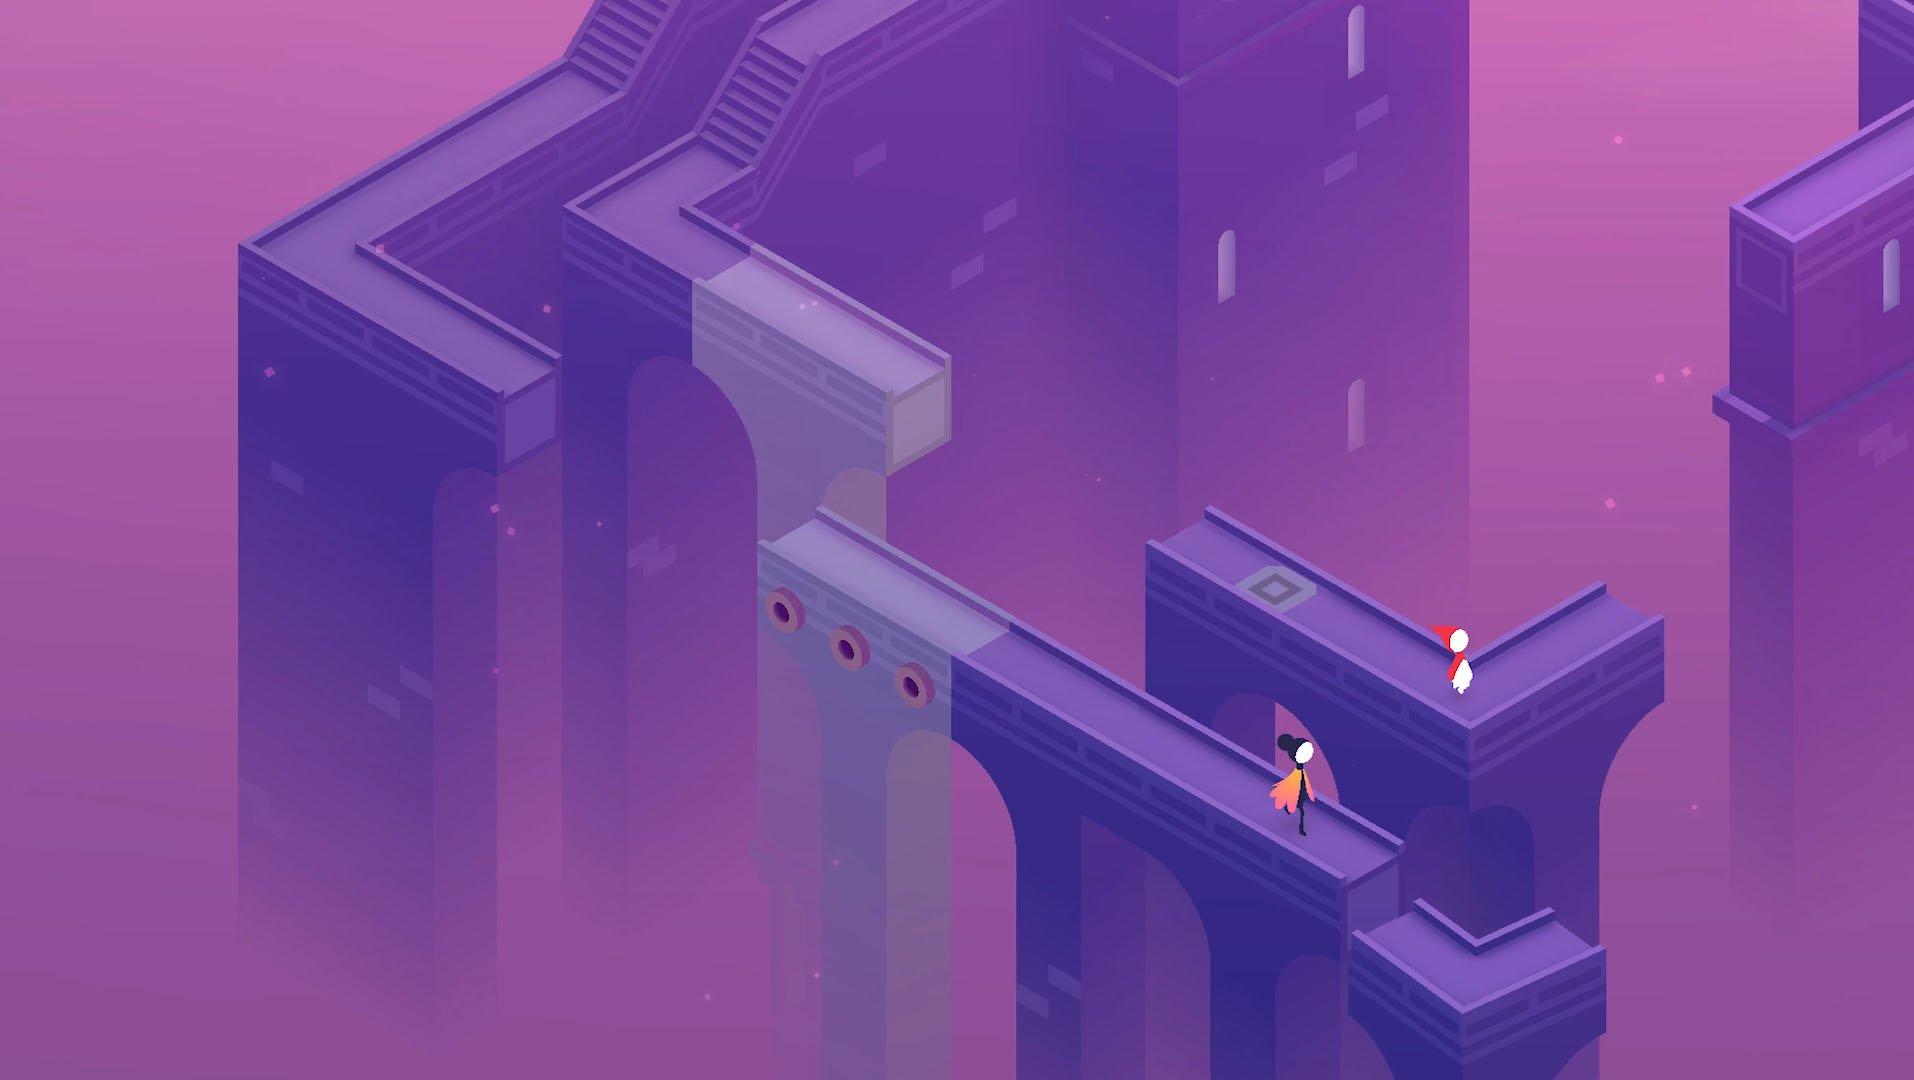 Monument Valley 2 en téléchargement gratuit sur Android et iOS